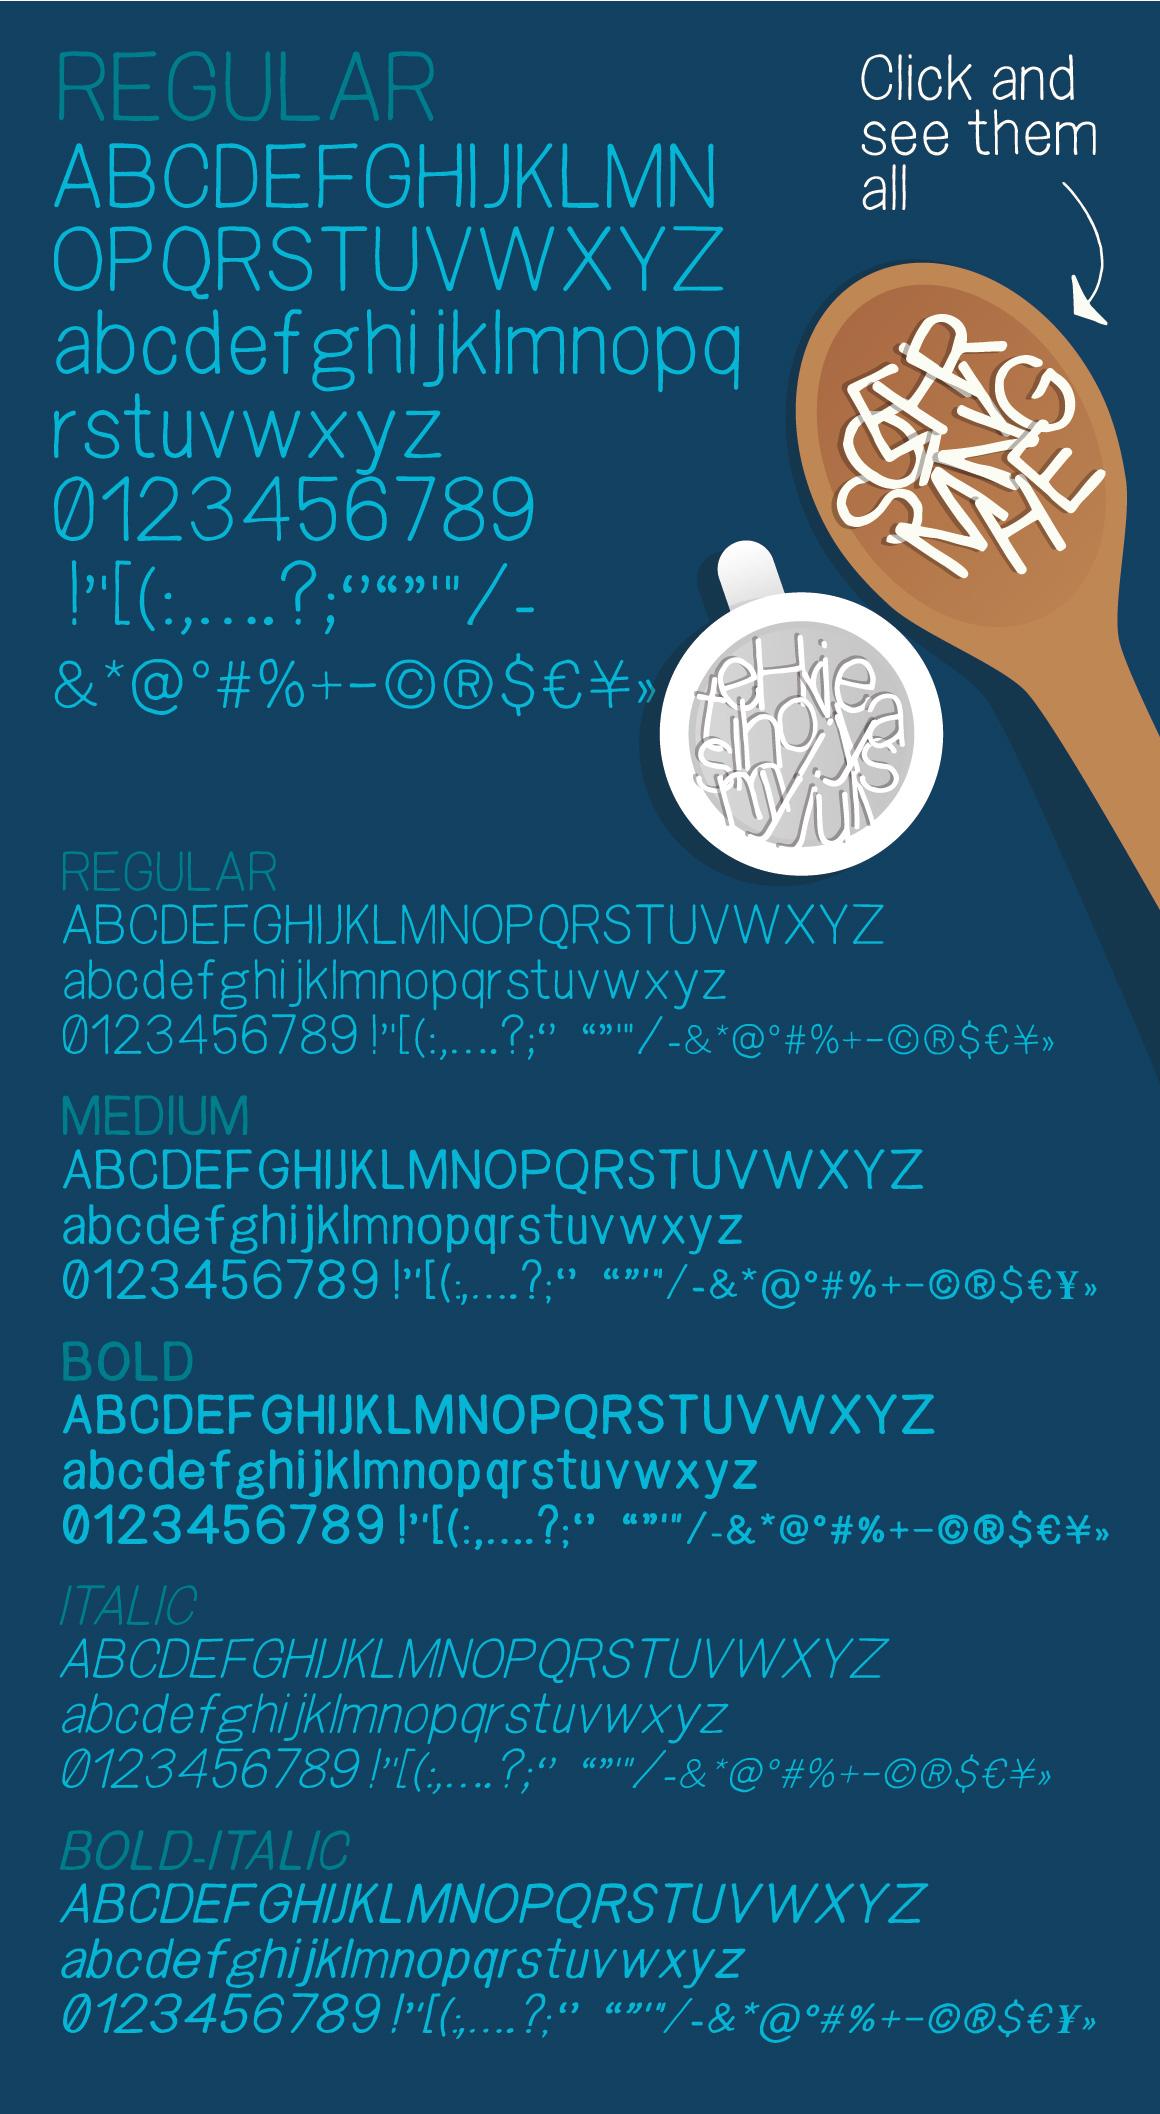 Snacker - Handlettered sans serif font